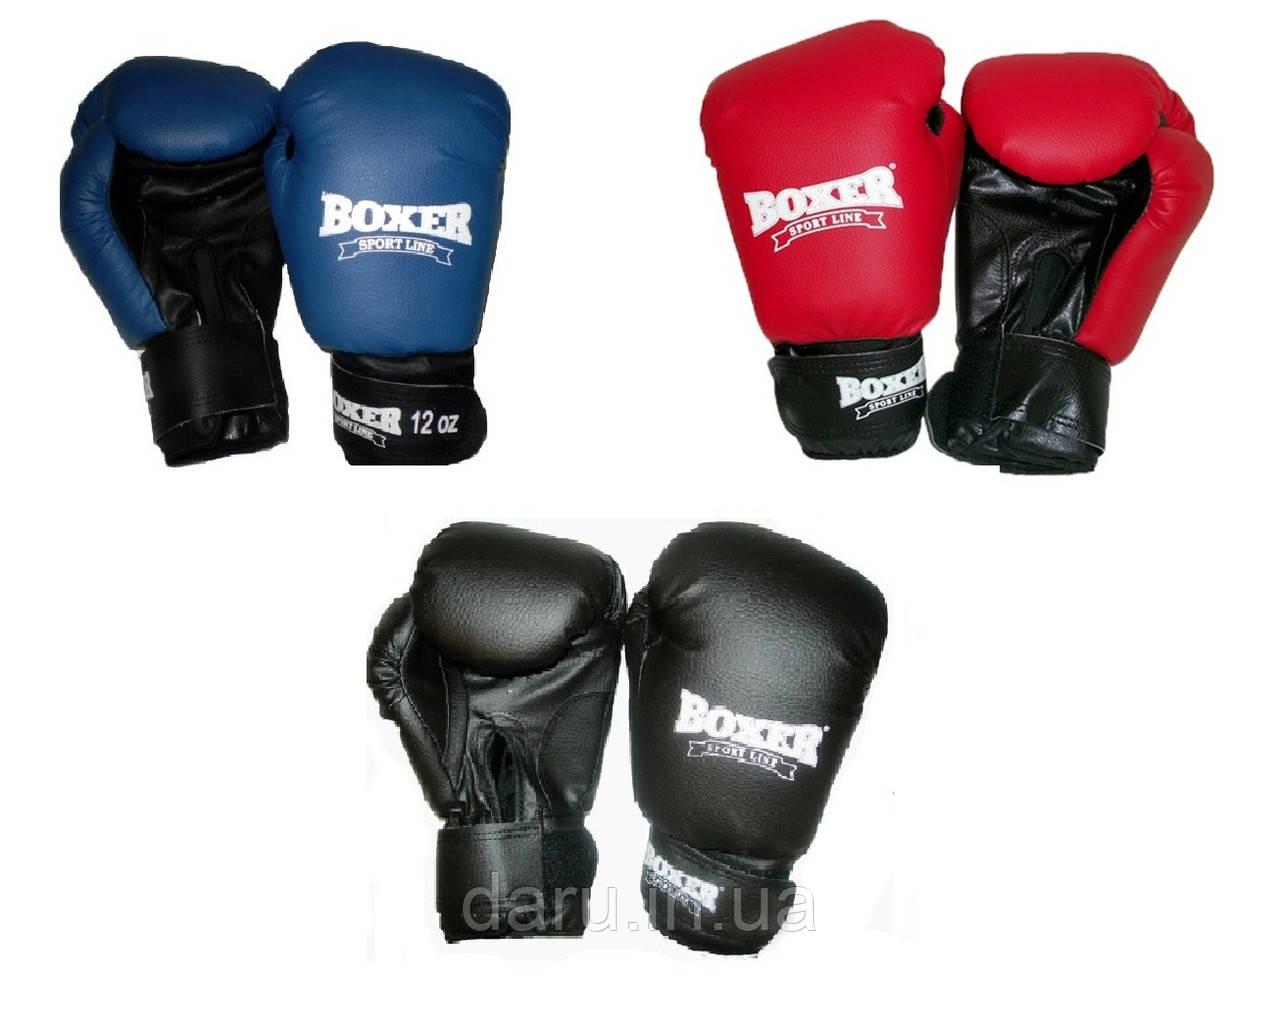 Боксерские перчатки 6 oz КОЖВИНИЛ Boxer 3 цвета - Дары Природы ФЛП Жуковский в Николаевской области